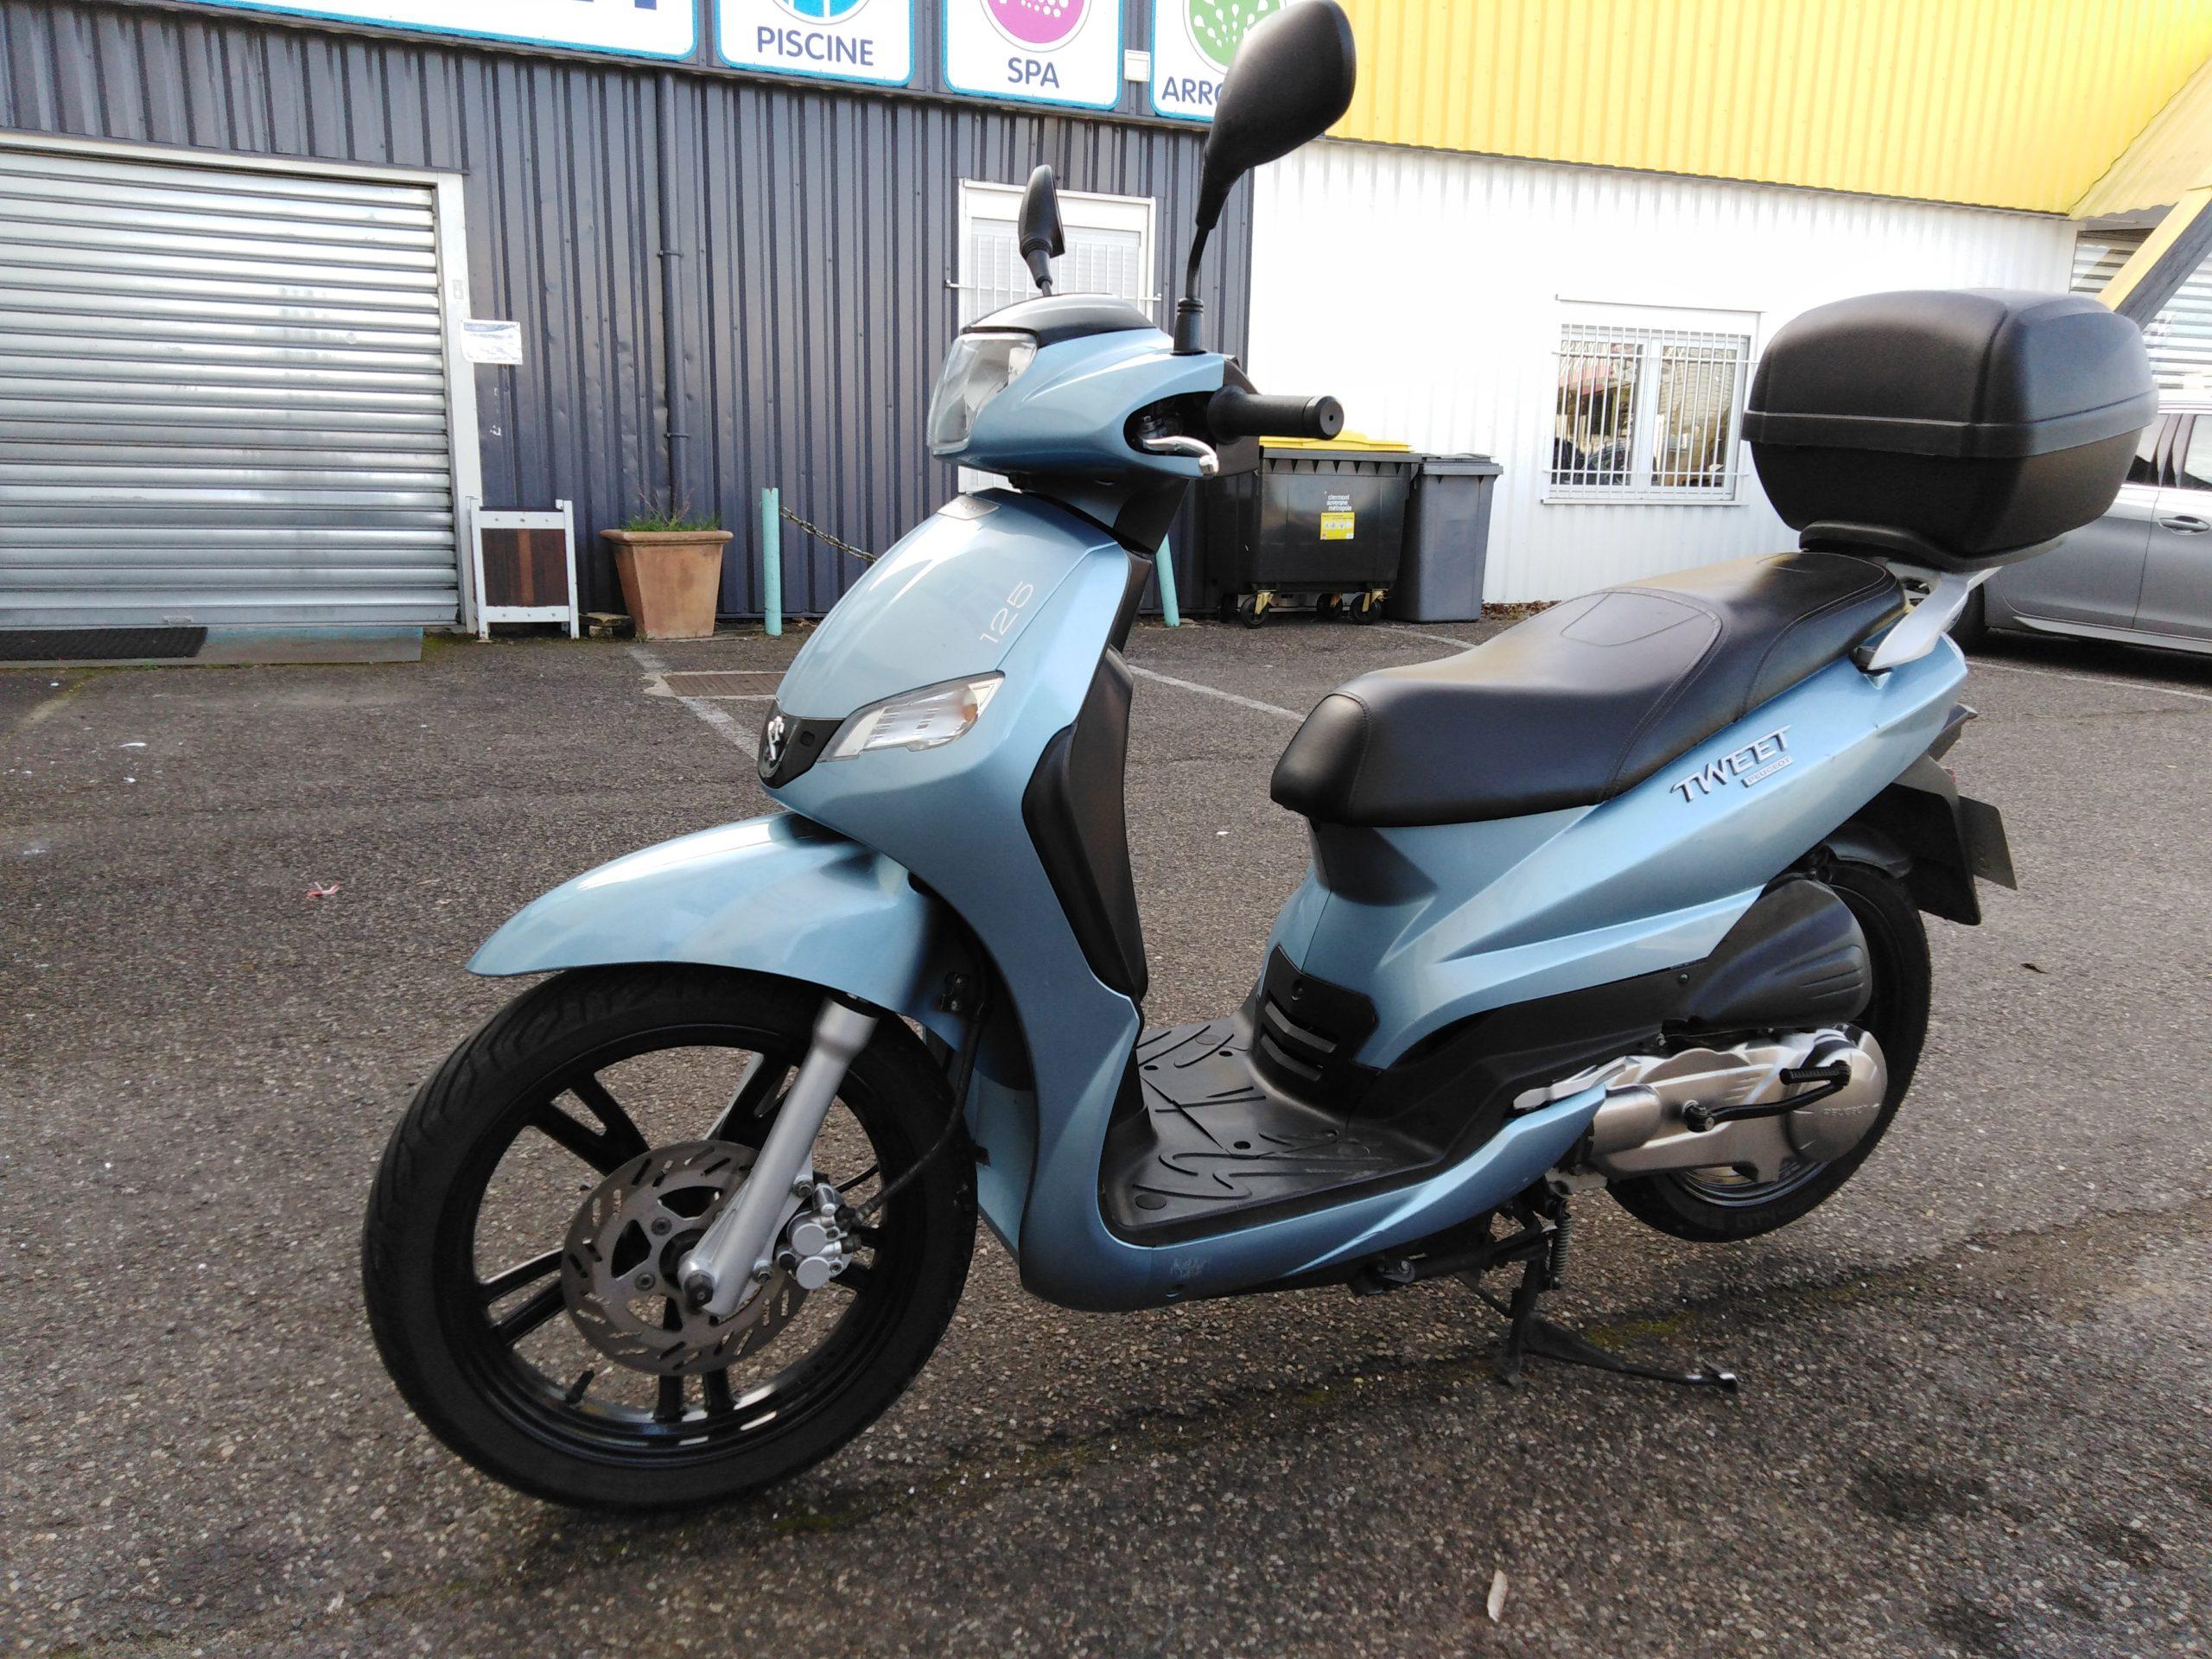 Scooter peugeot à vendre Saint-Etienne